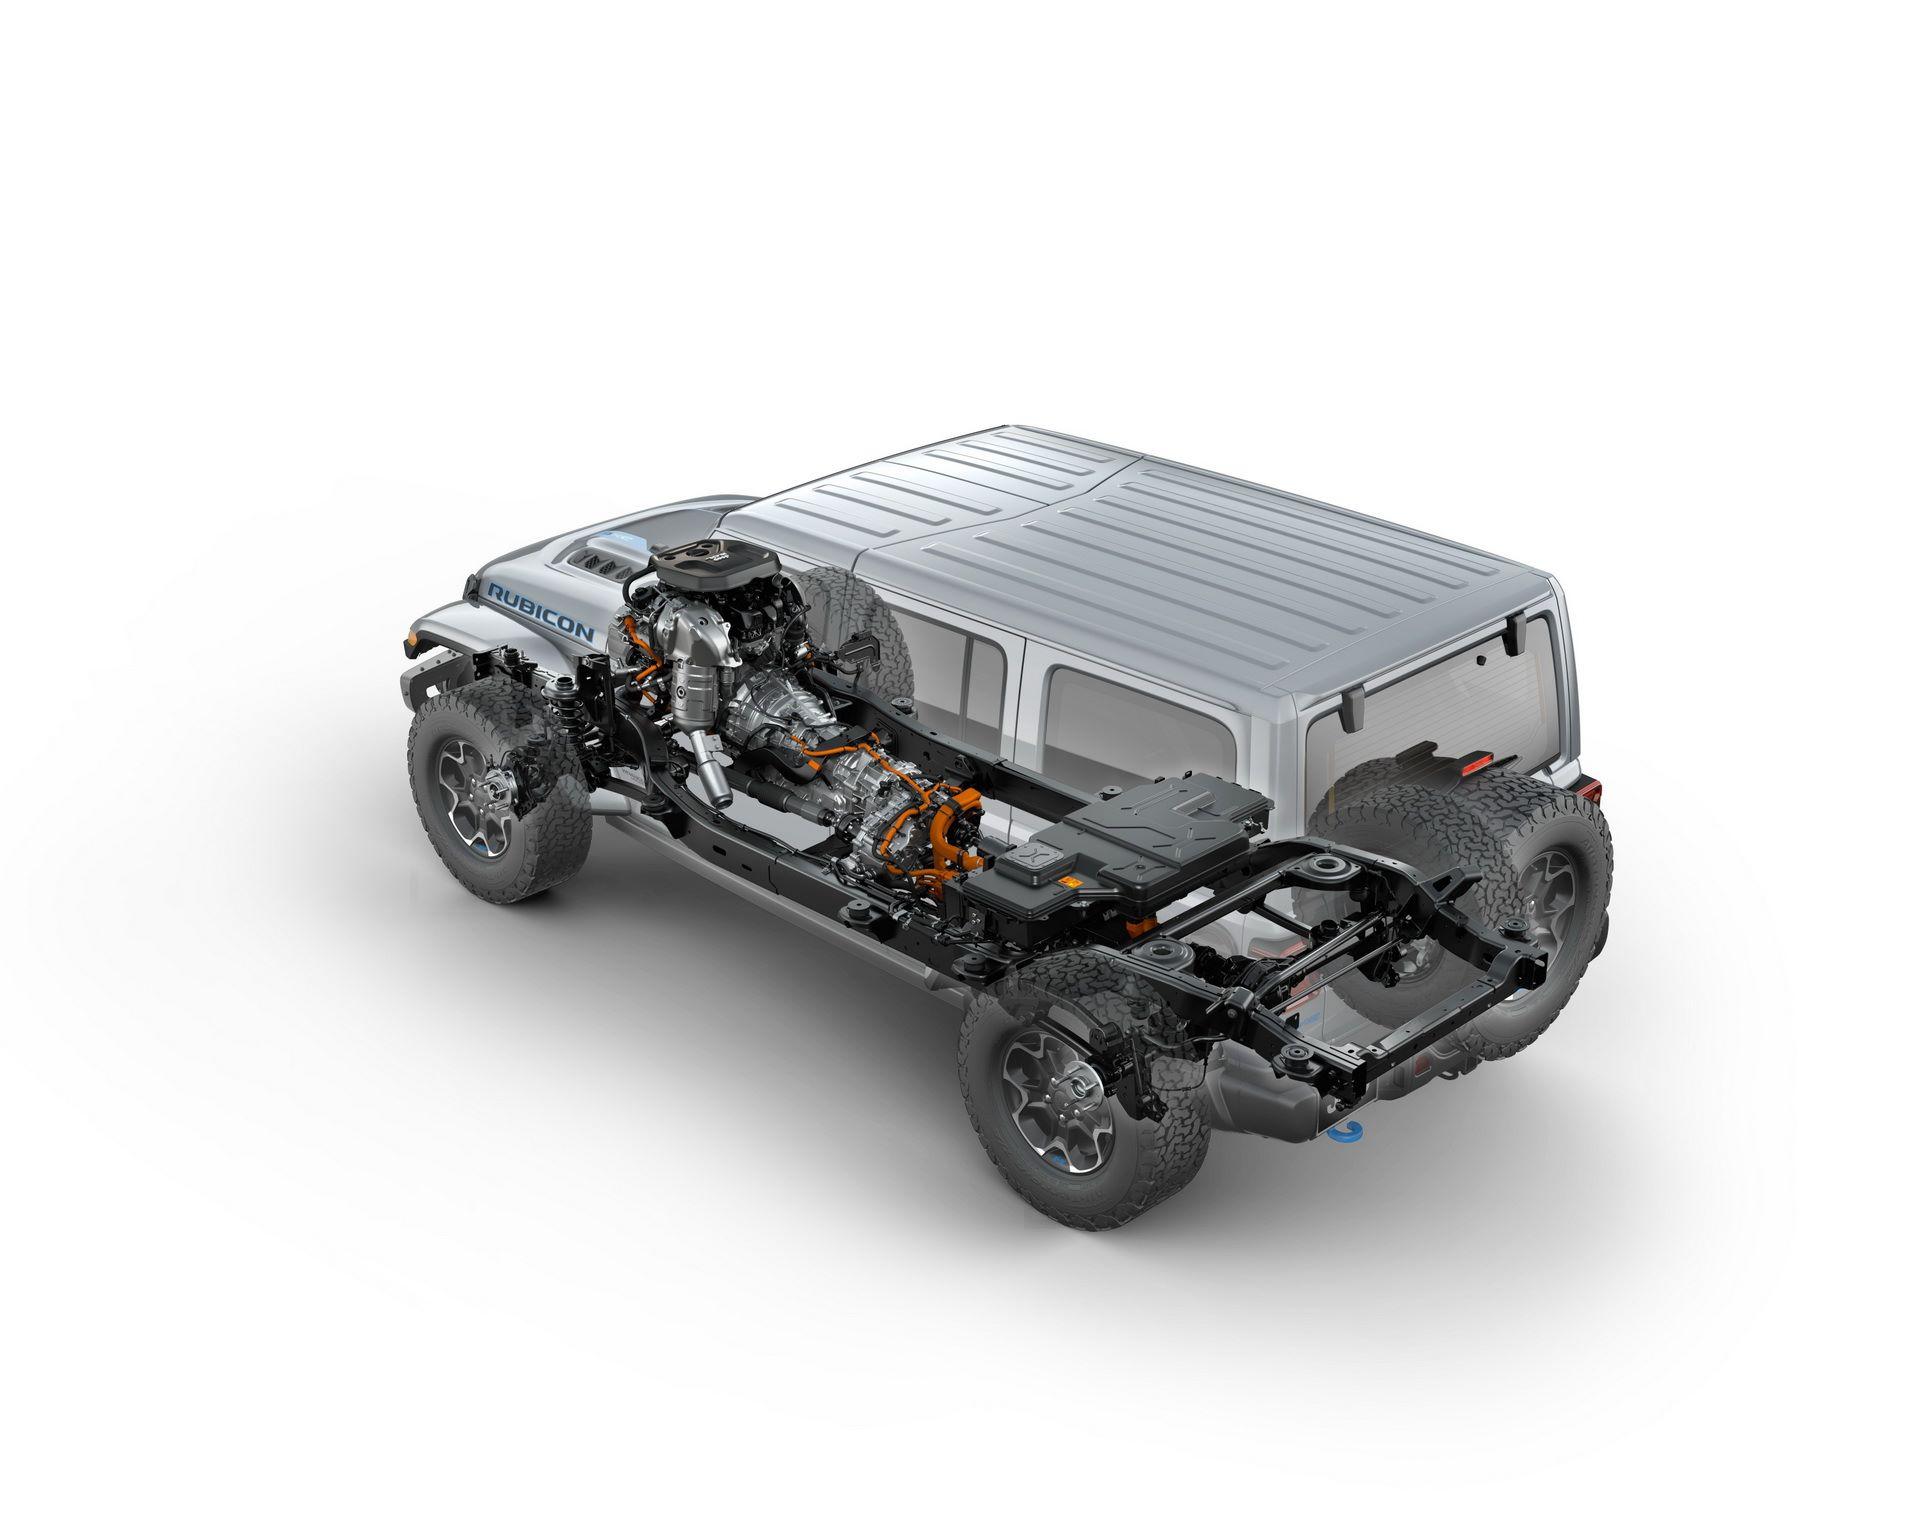 Jeep-Wrangler-4xe-51